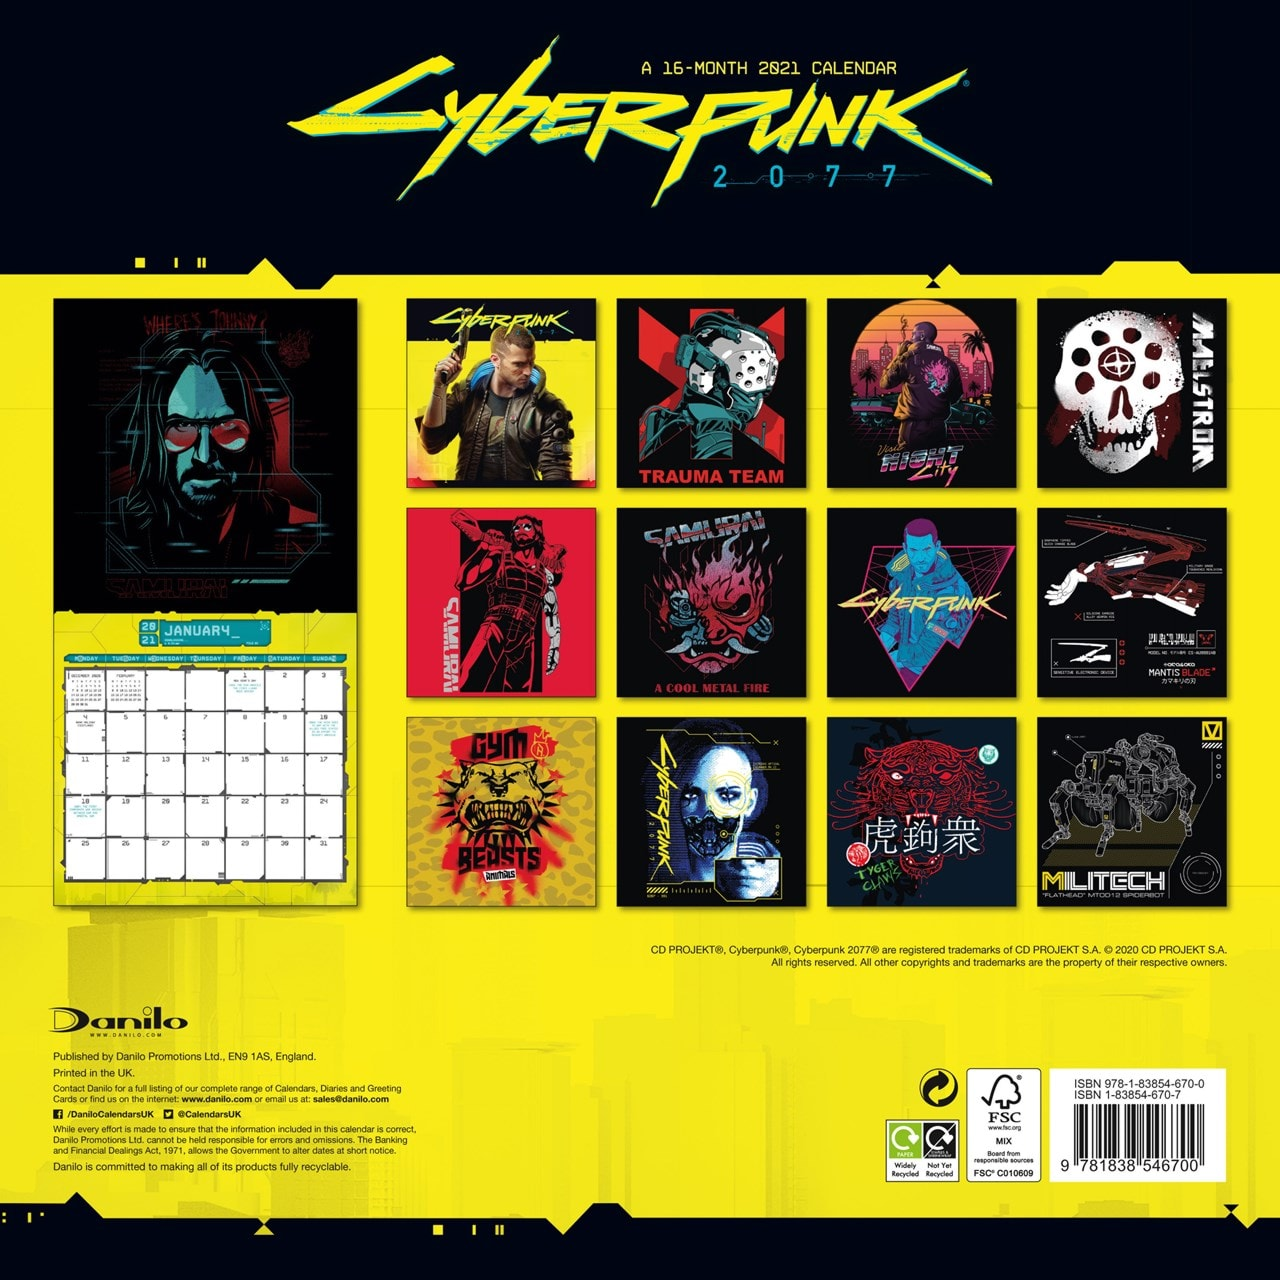 Cyberpunk: Square 2021 Calendar - 3